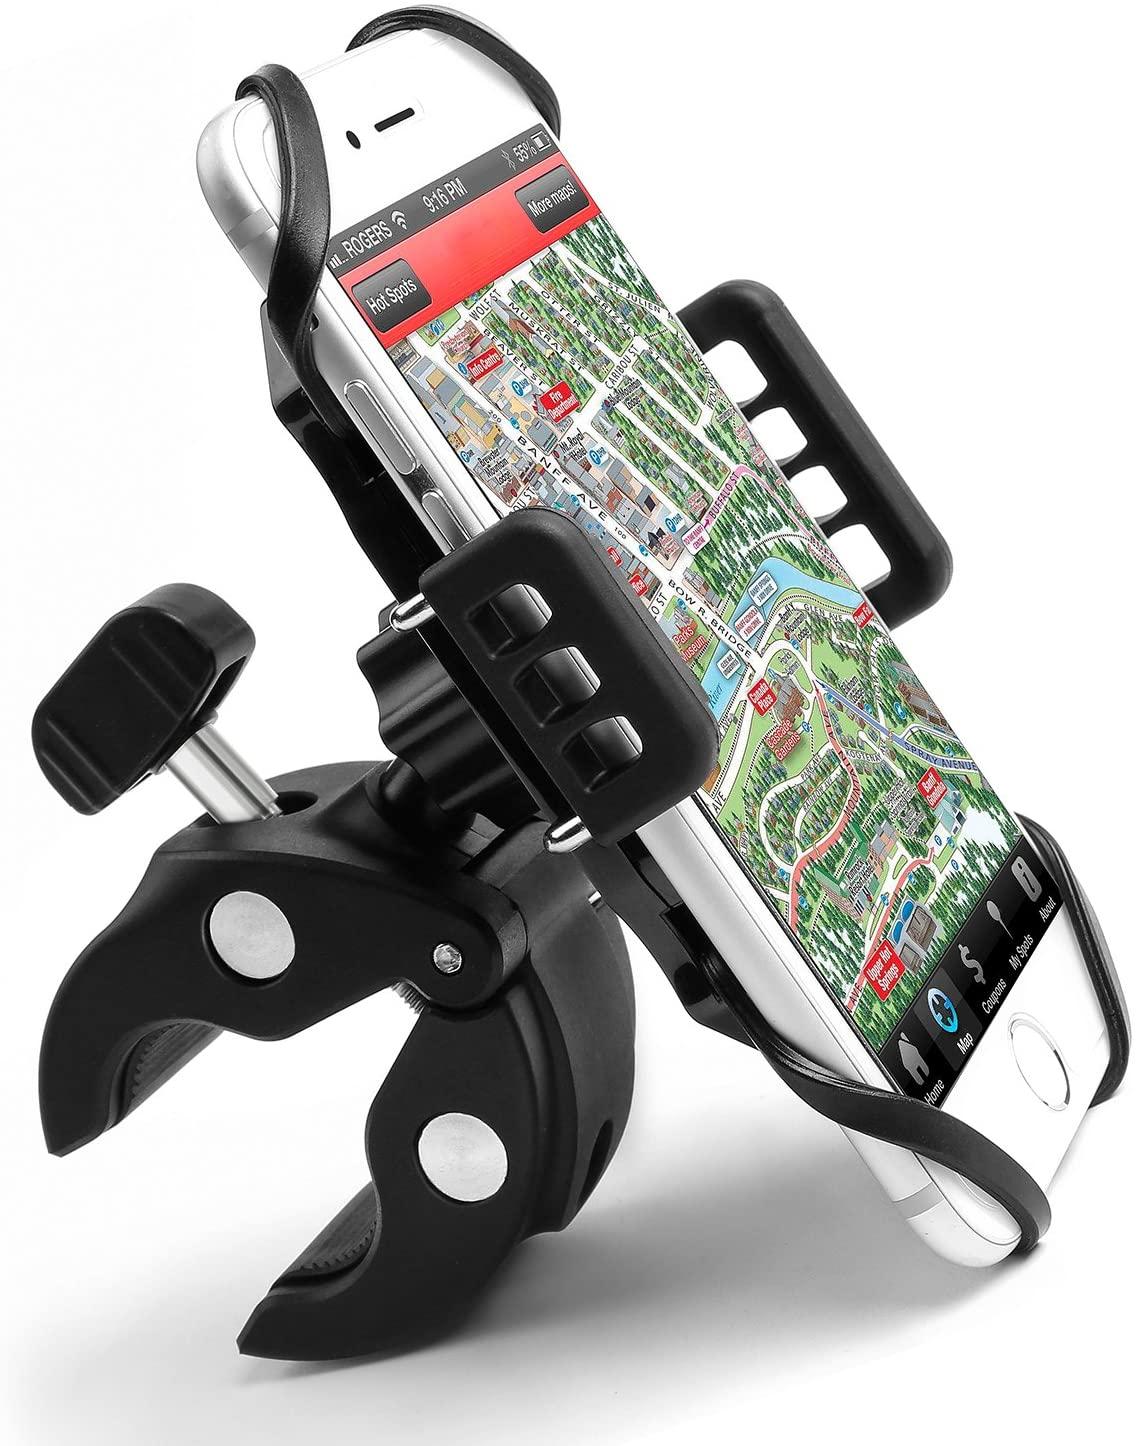 porta Cellulare per Moto Bici Scooter MTB, Ruotabile 360°, per Telefono Smartphone entro 6 Pollici